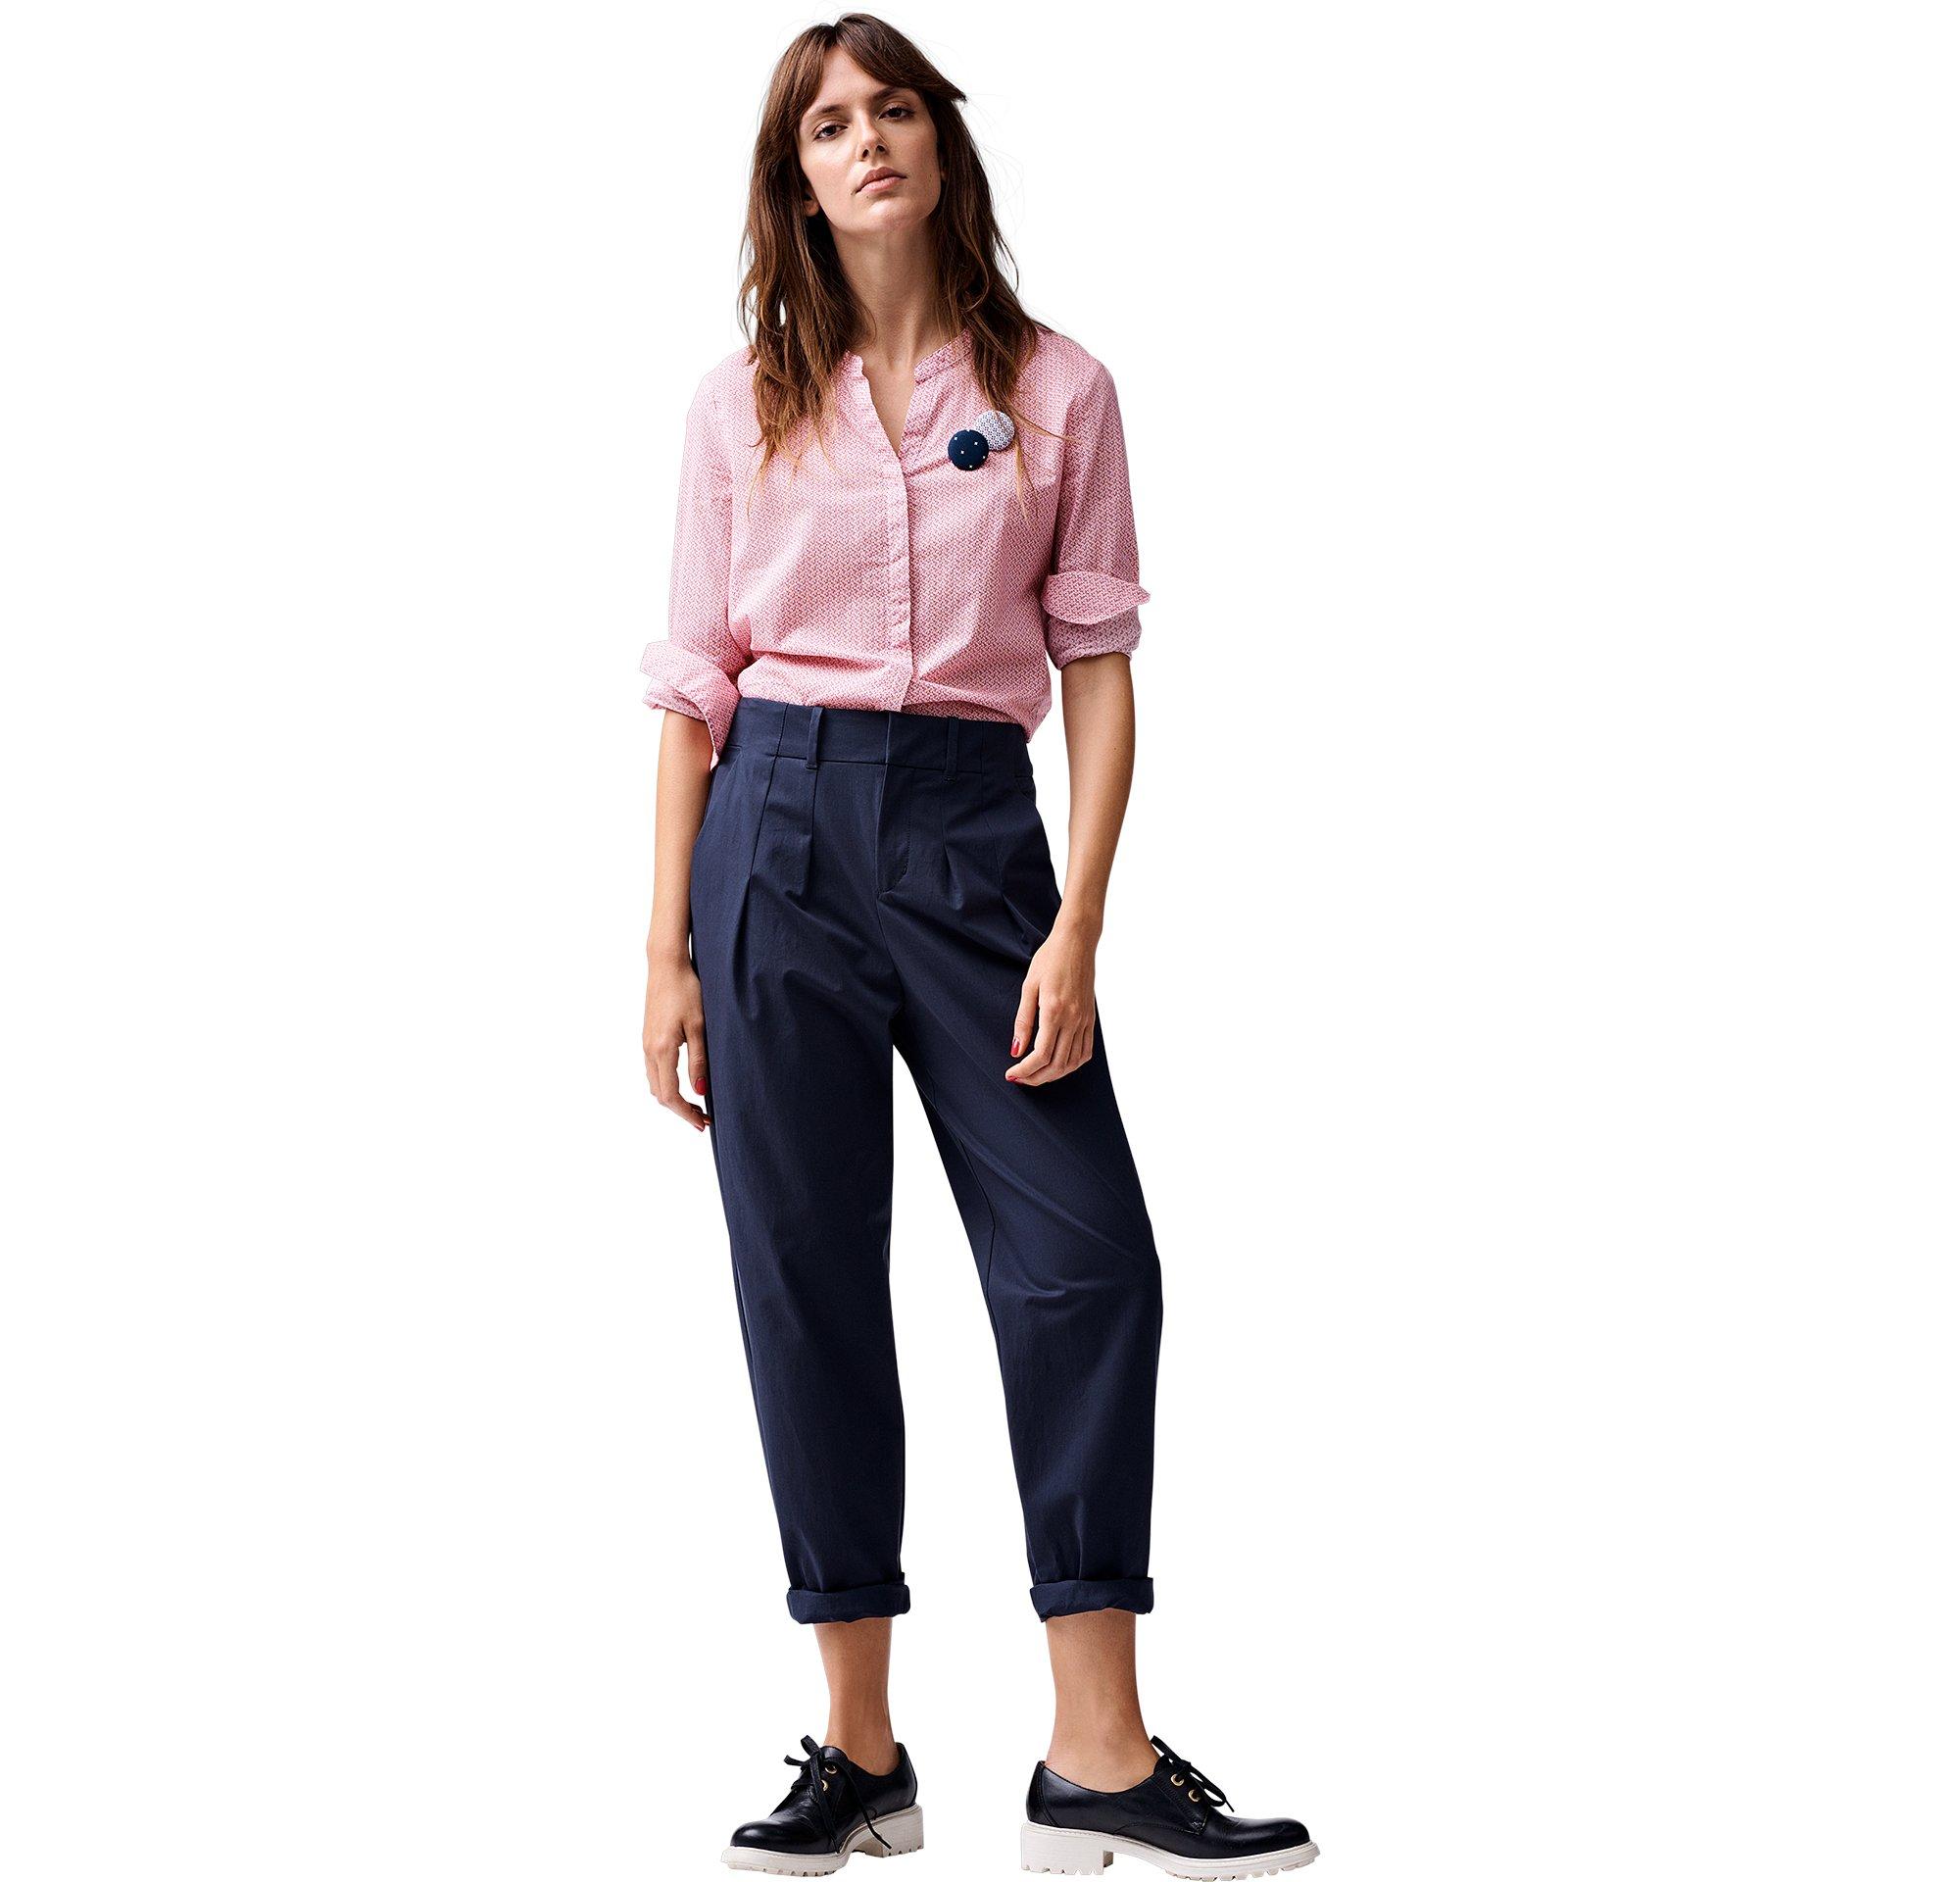 BOSS_ORANGE_Women_PF17_Look_14,